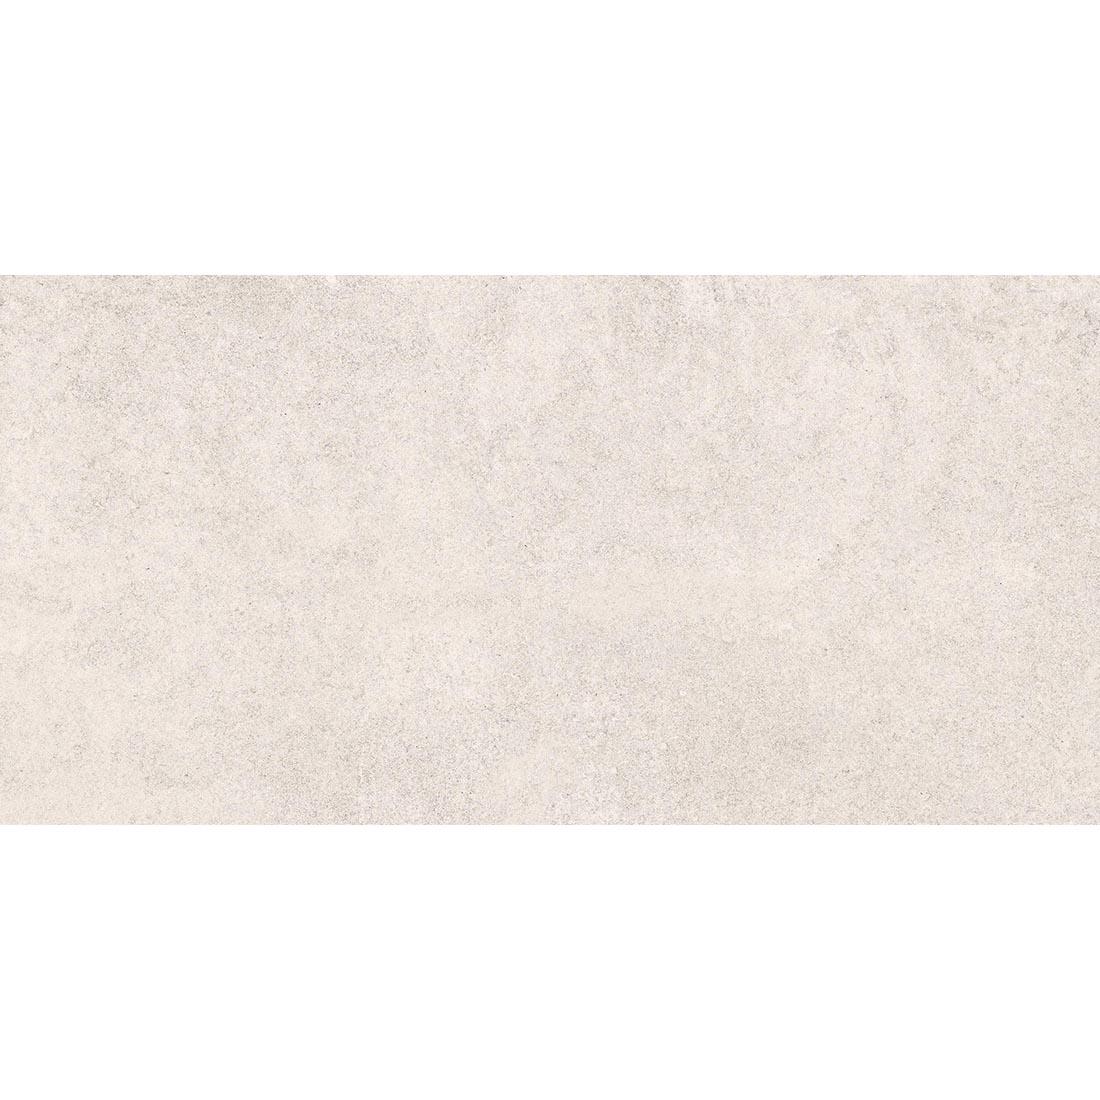 Cementk 30x60 Beyaz Matt R10 1